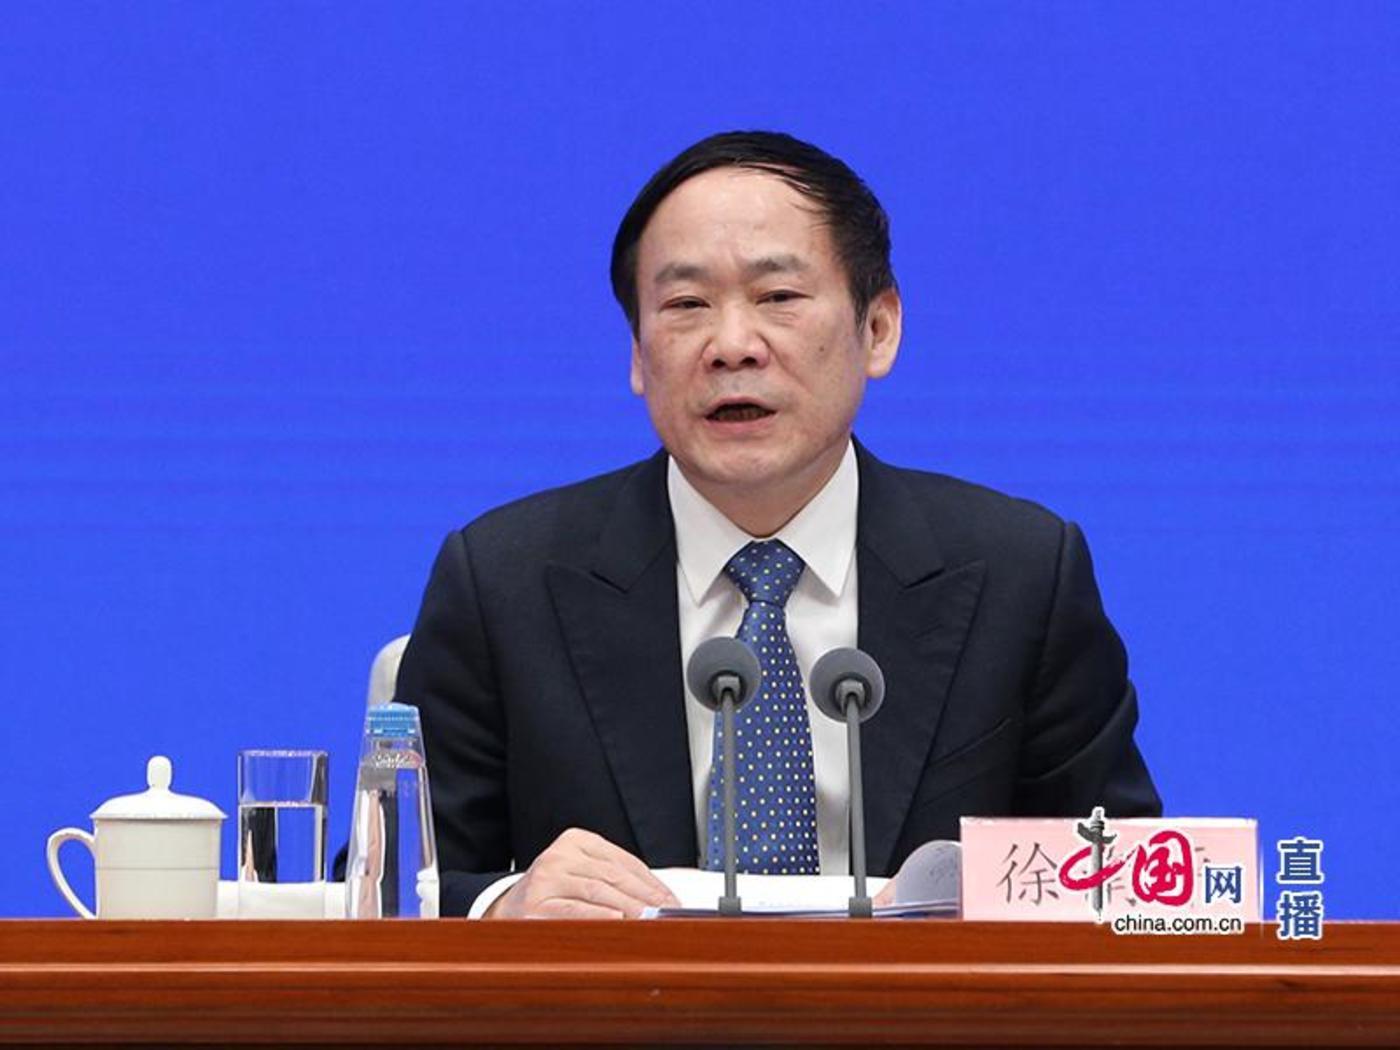 科学技术部副部长徐南平(中国网 董宁)